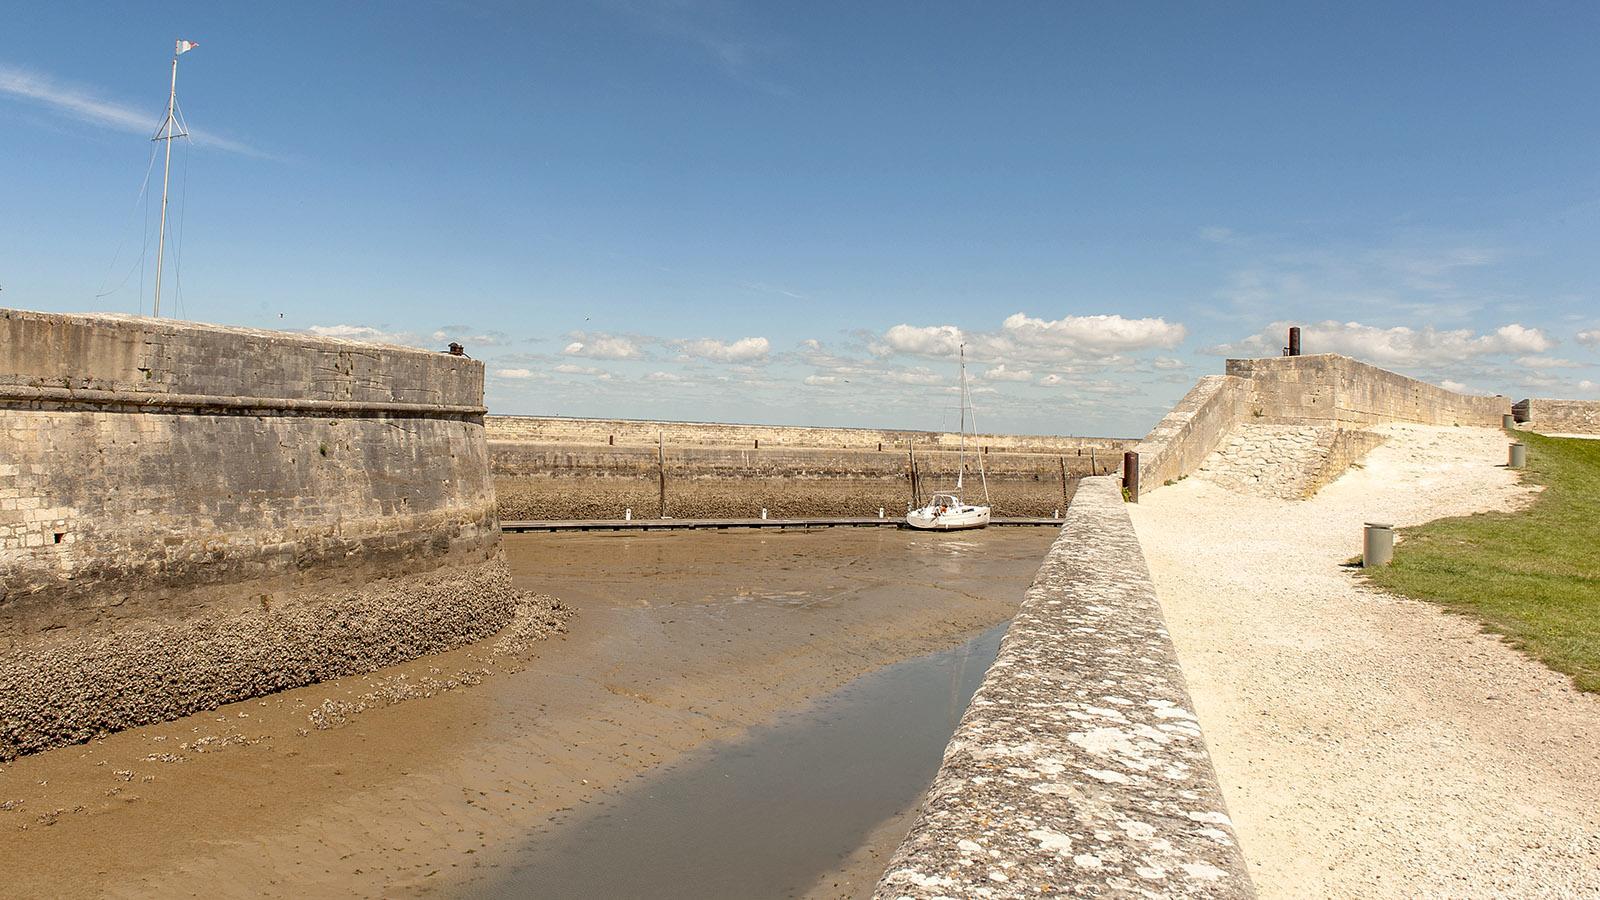 Île de Ré: Sainte-Marie-de-Ré. Im Herzen der Zitadelle. Foto: Hilke Maunder